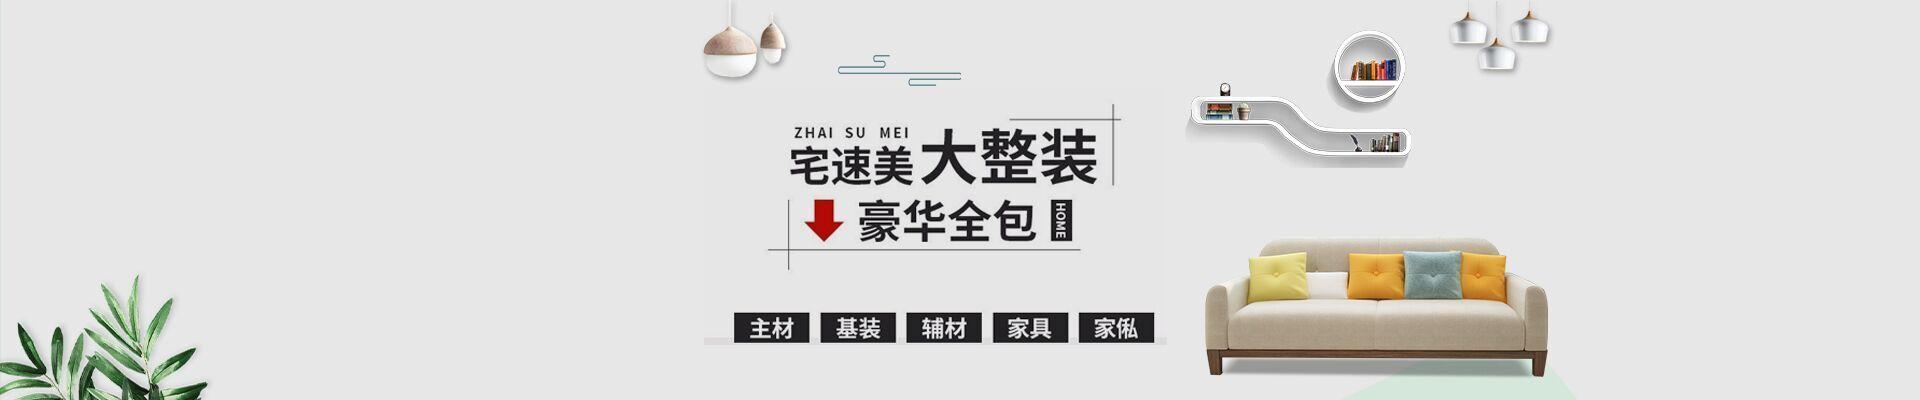 阜阳宅速美装饰工程有限公司